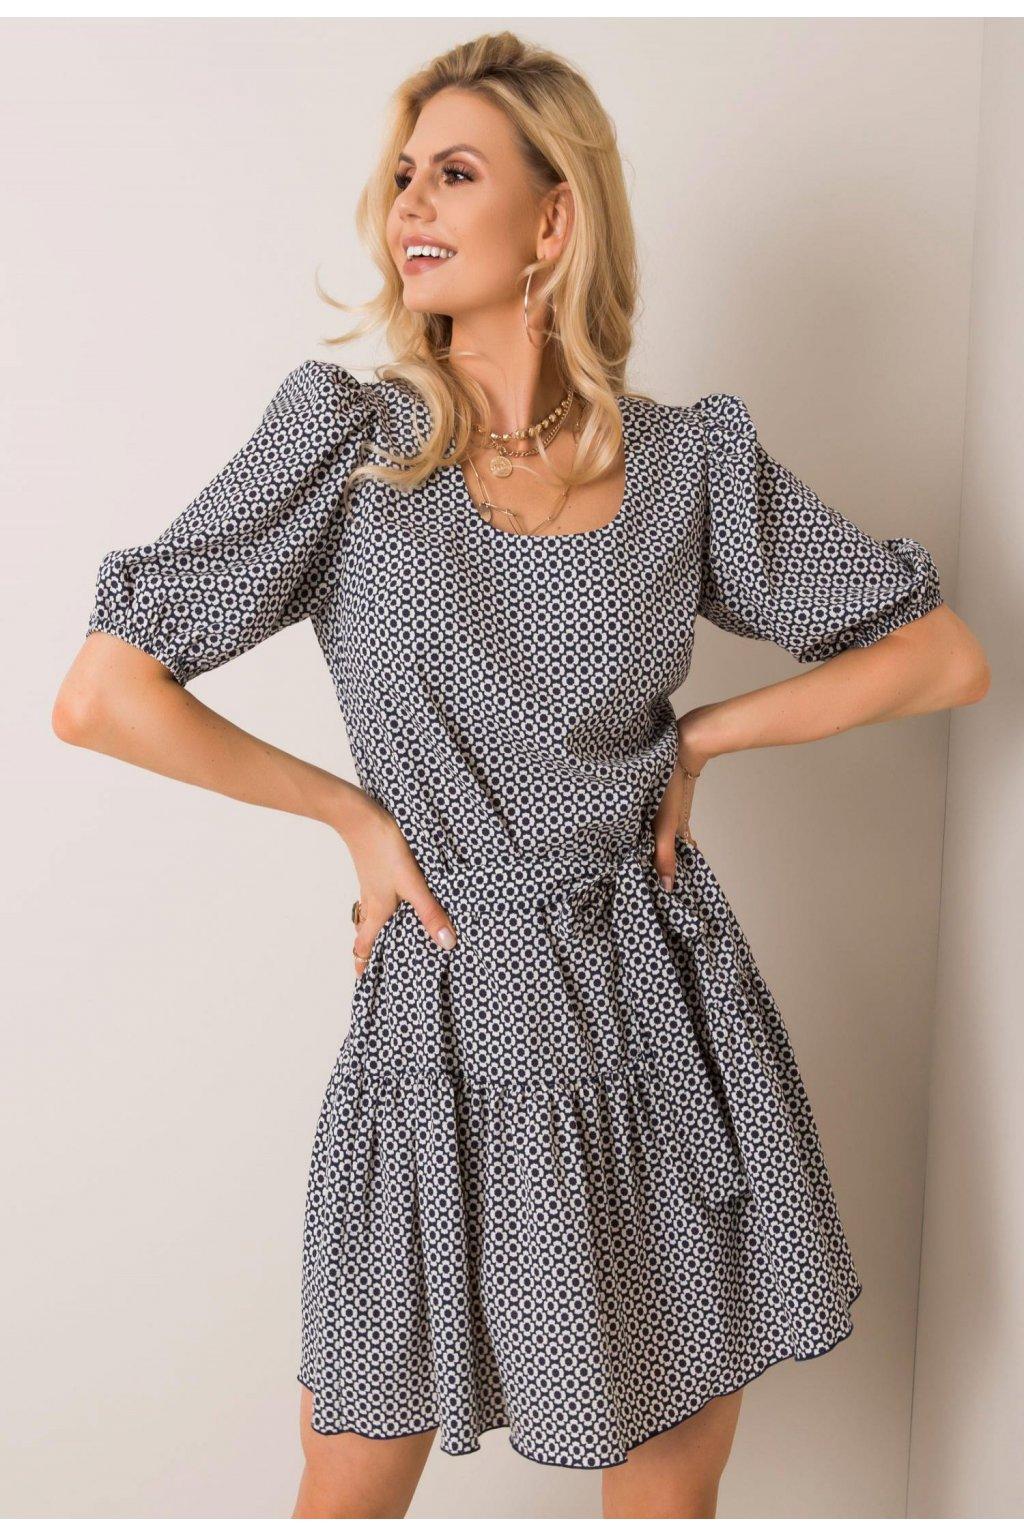 Modro - bílé dámské šaty